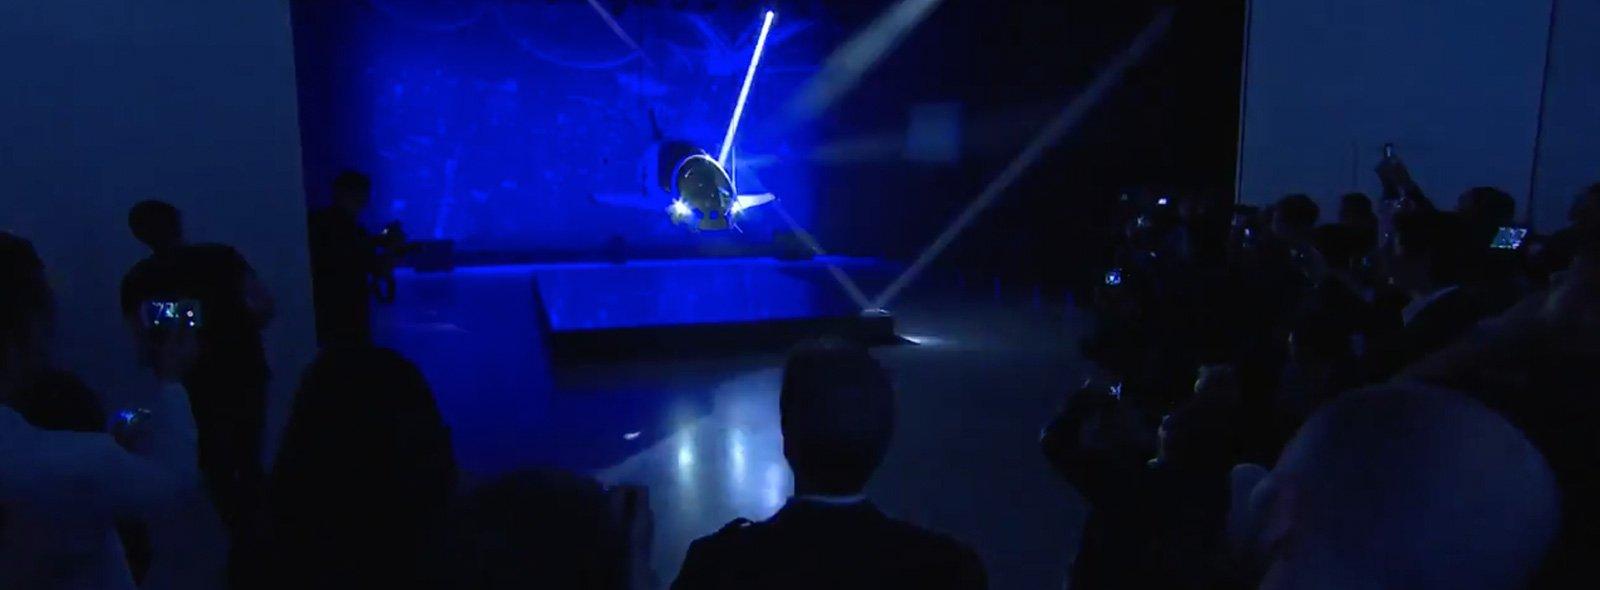 Momento de la presentación de nave con luces en la oscuridad